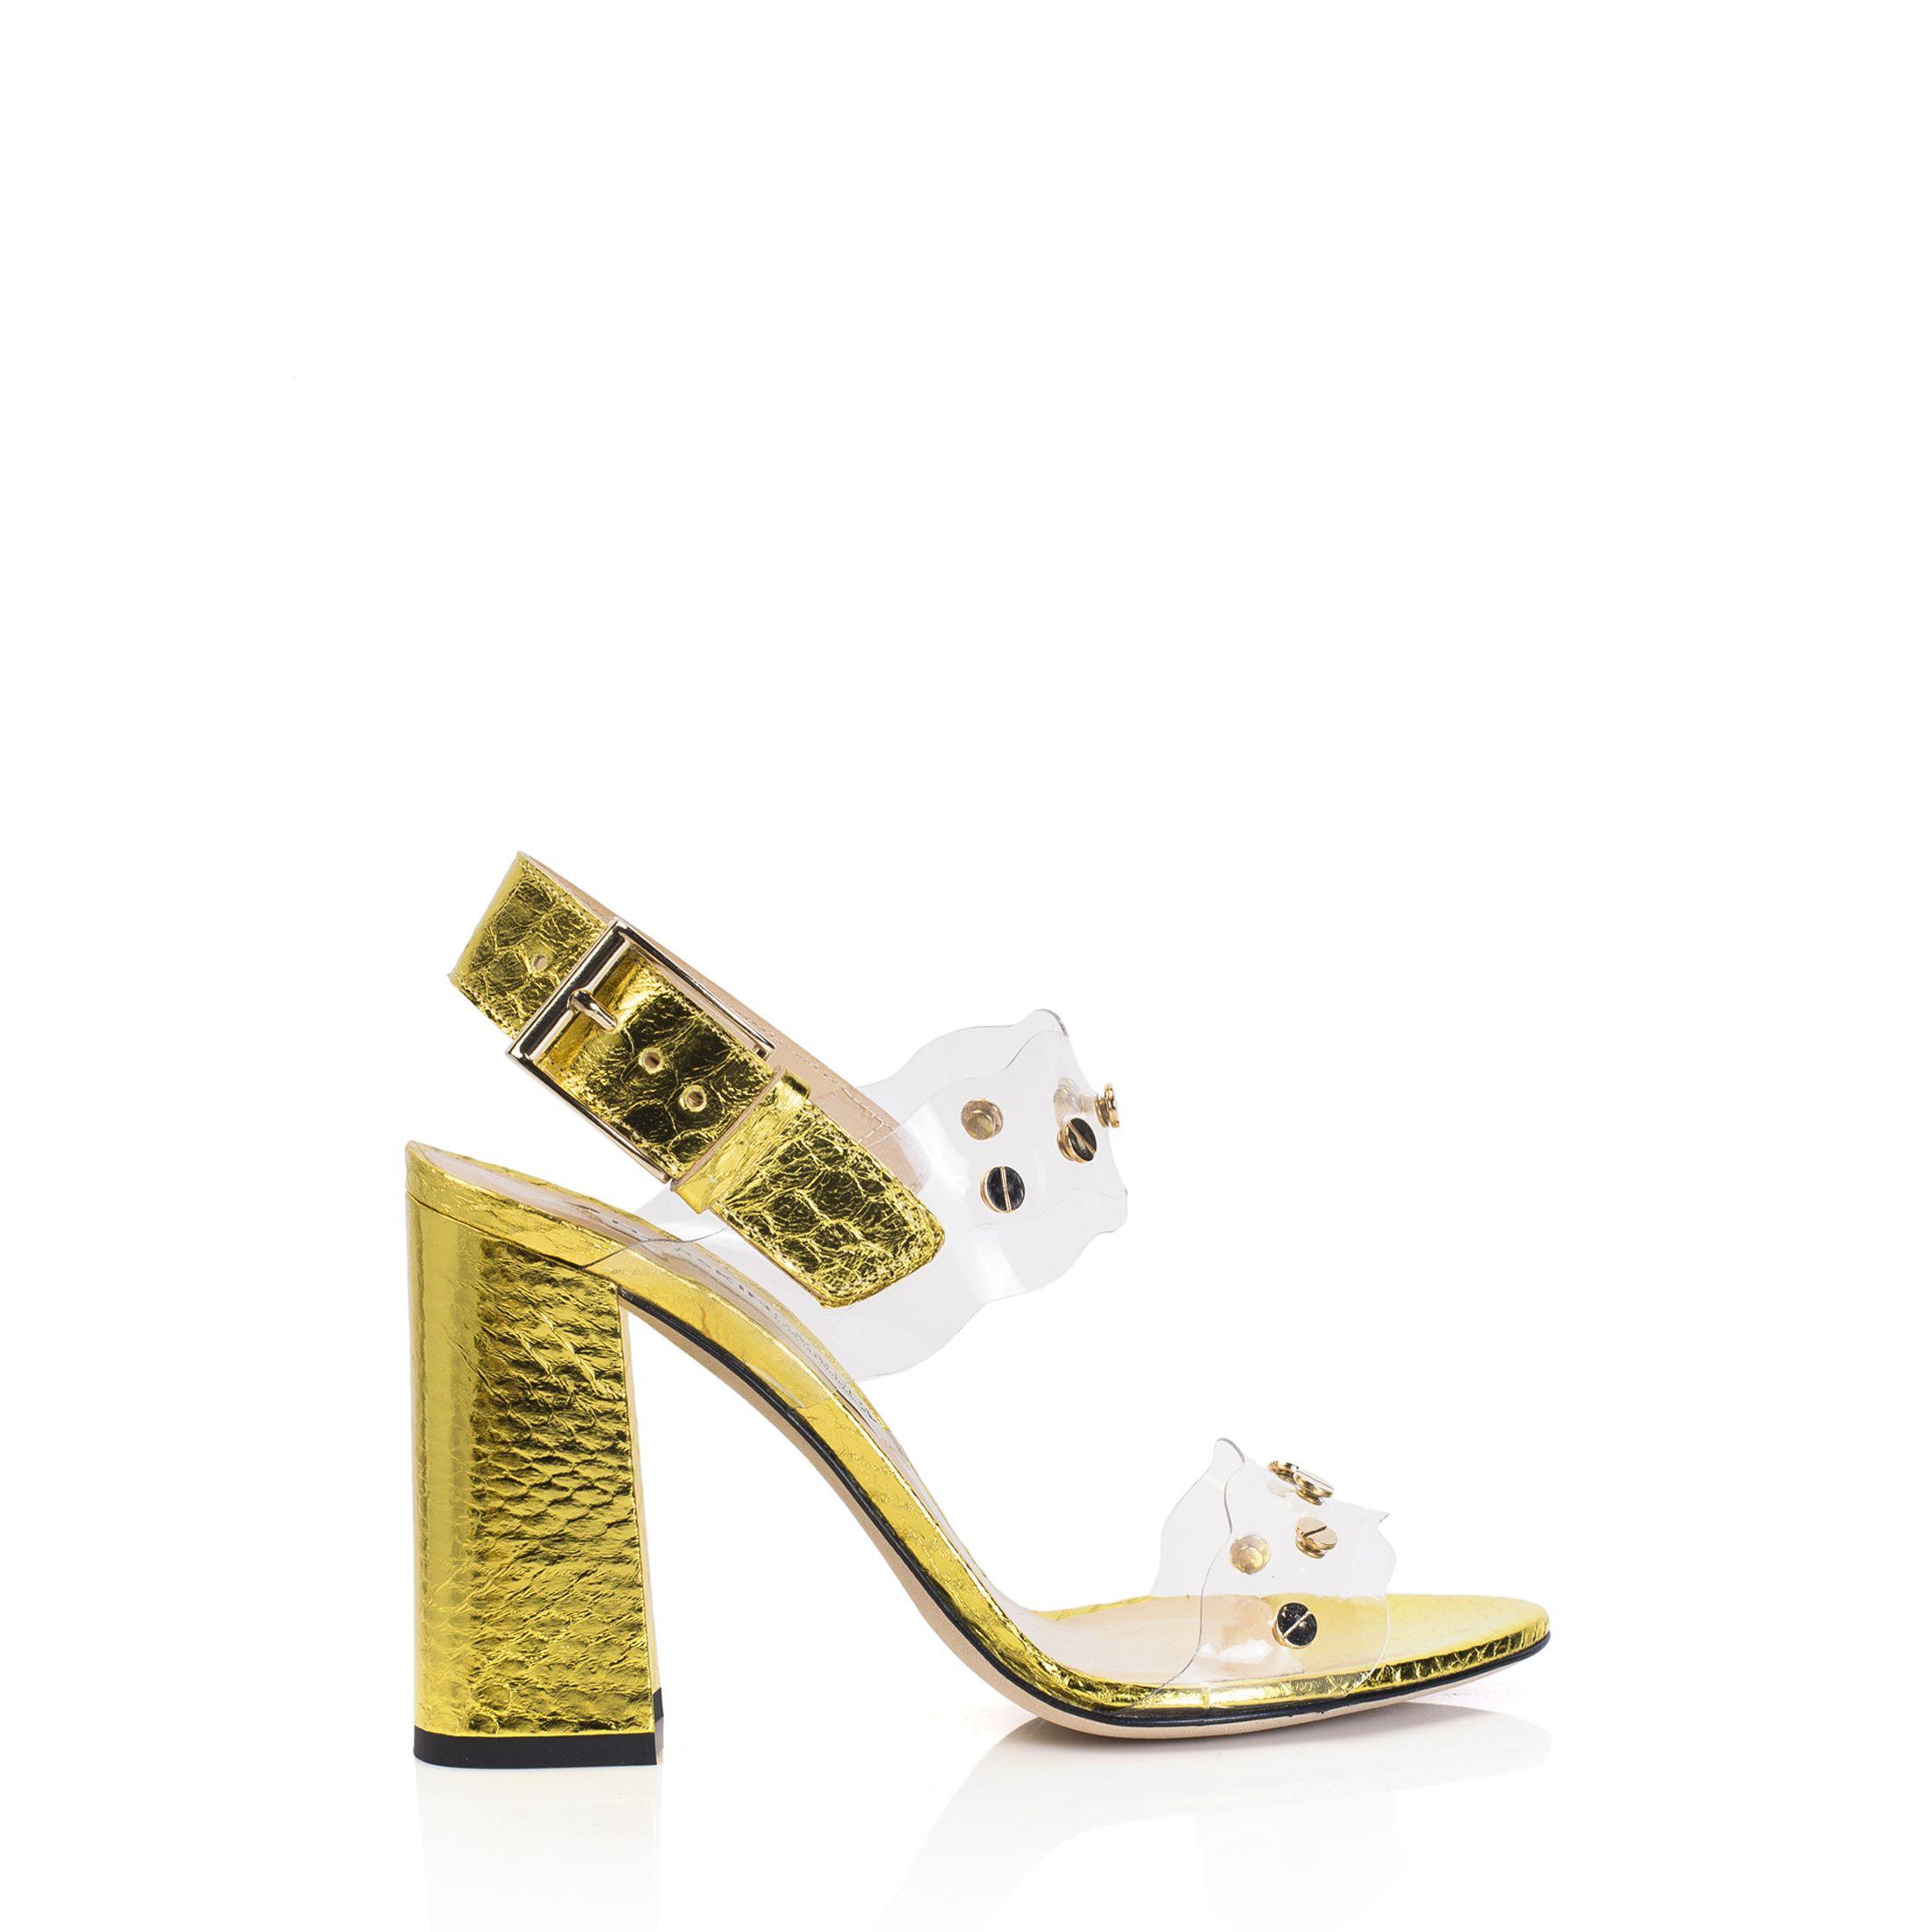 'Leda Wips Yellow' Marskinryyppy SS17